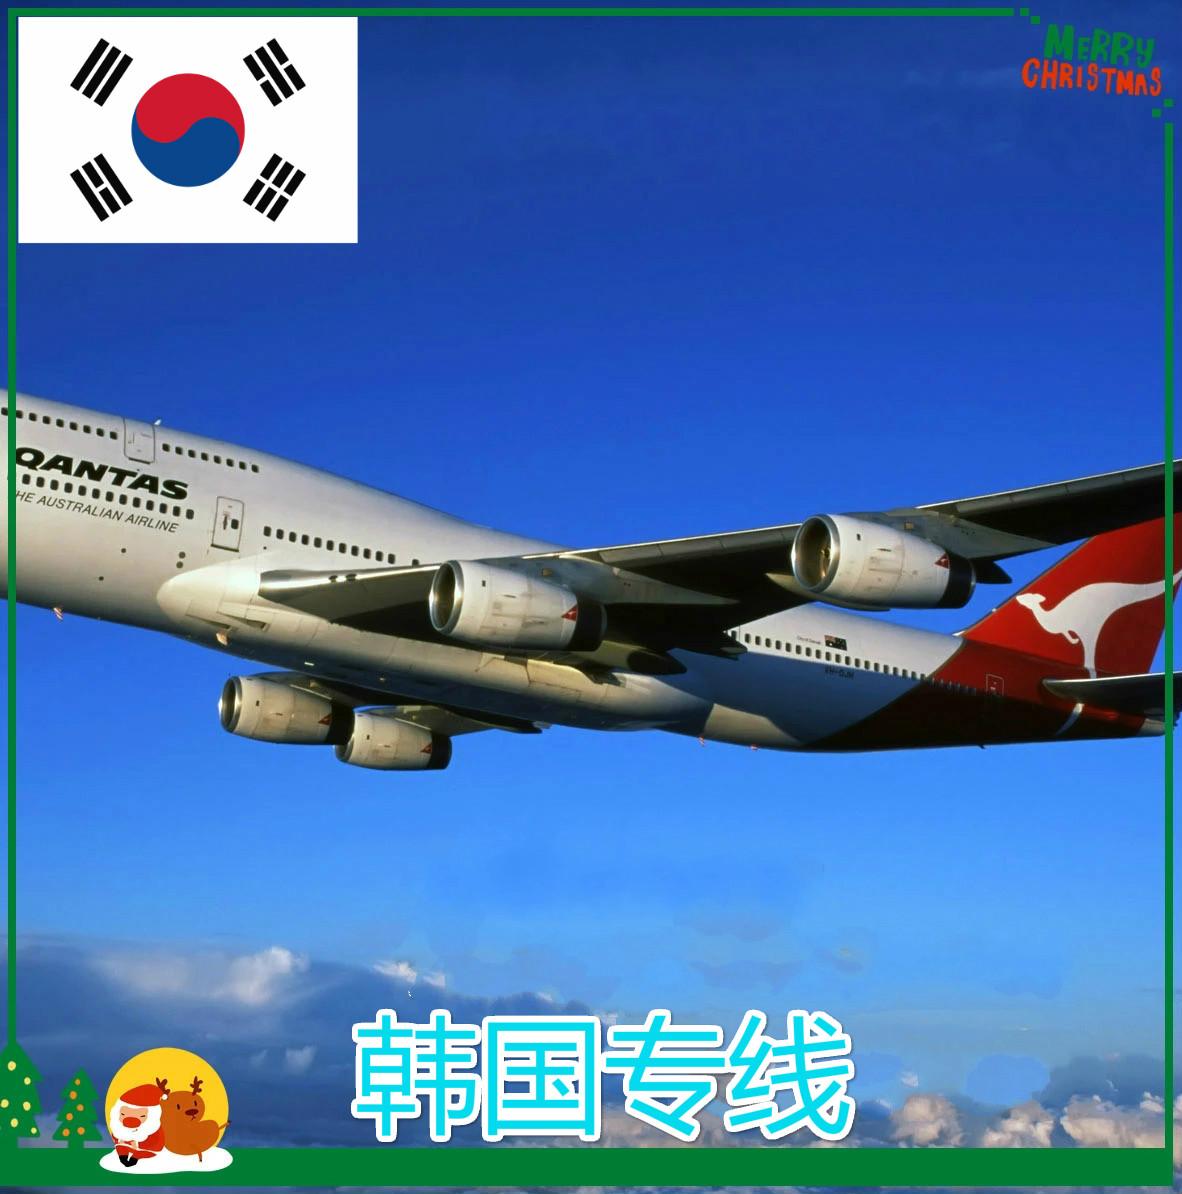 供应深圳到韩国专线运输服务 时效3天 铁路运输到威海转海运运输到